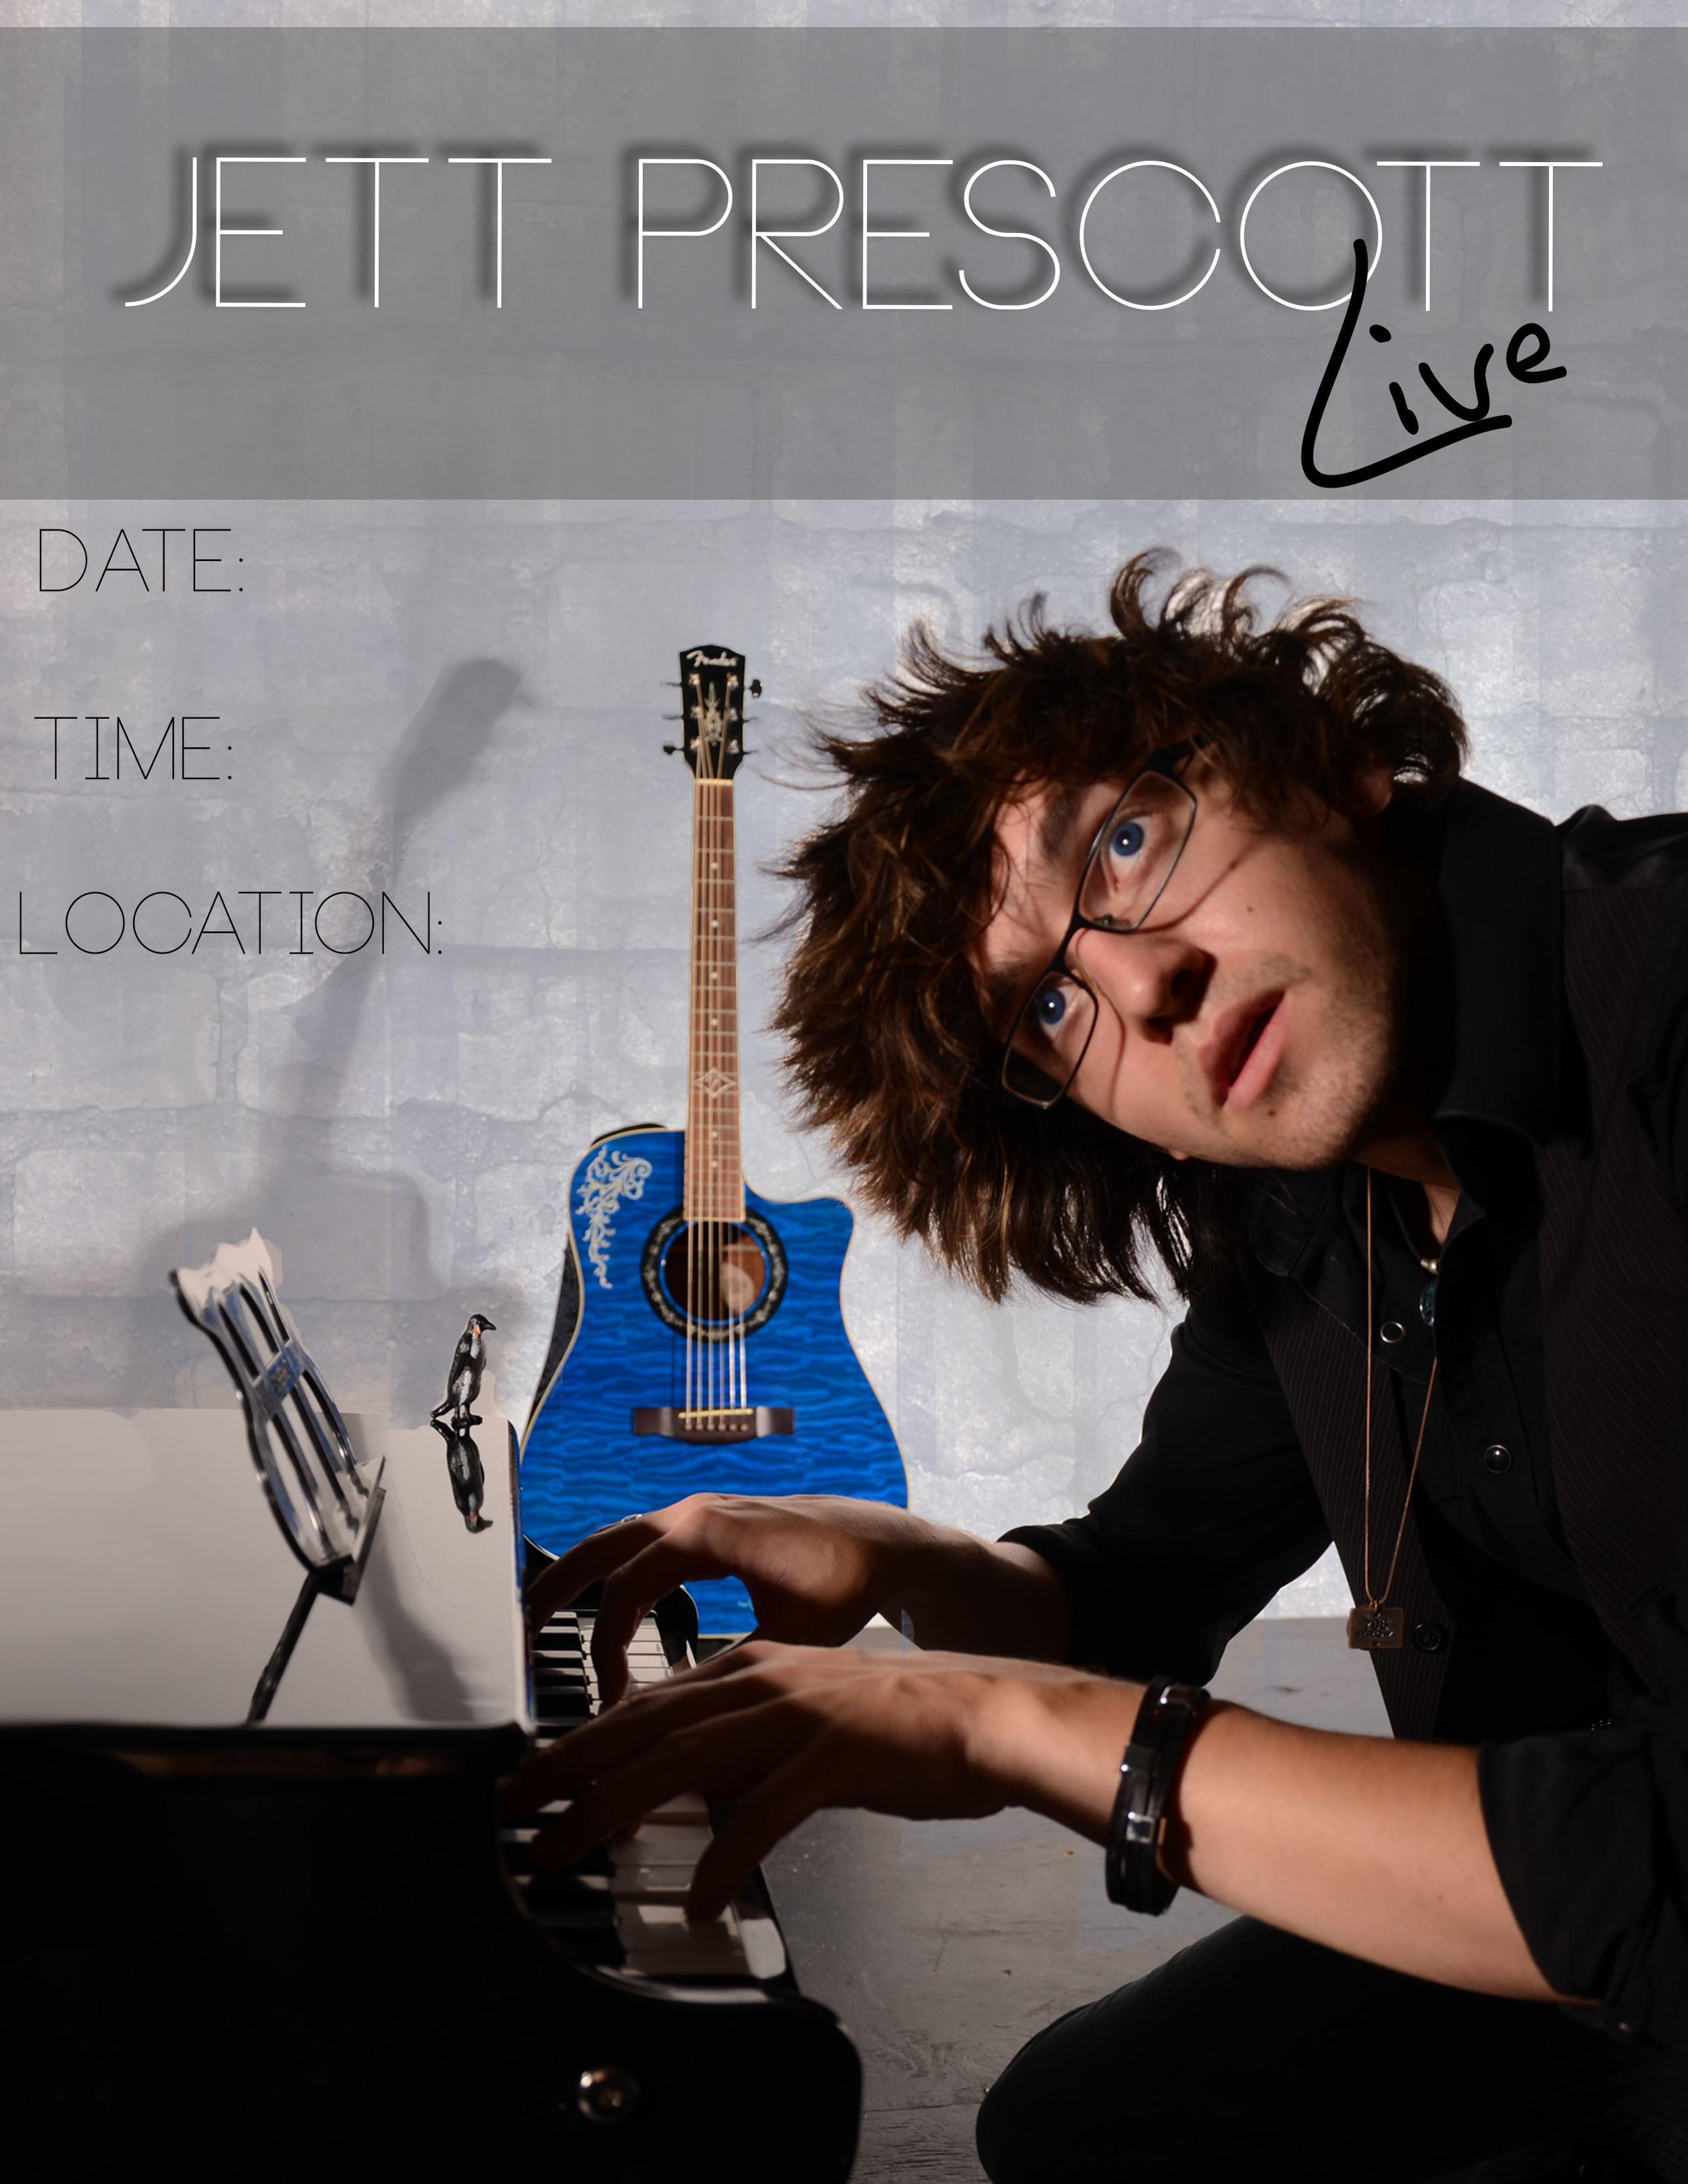 Live Show Flyer- Jett Prescott